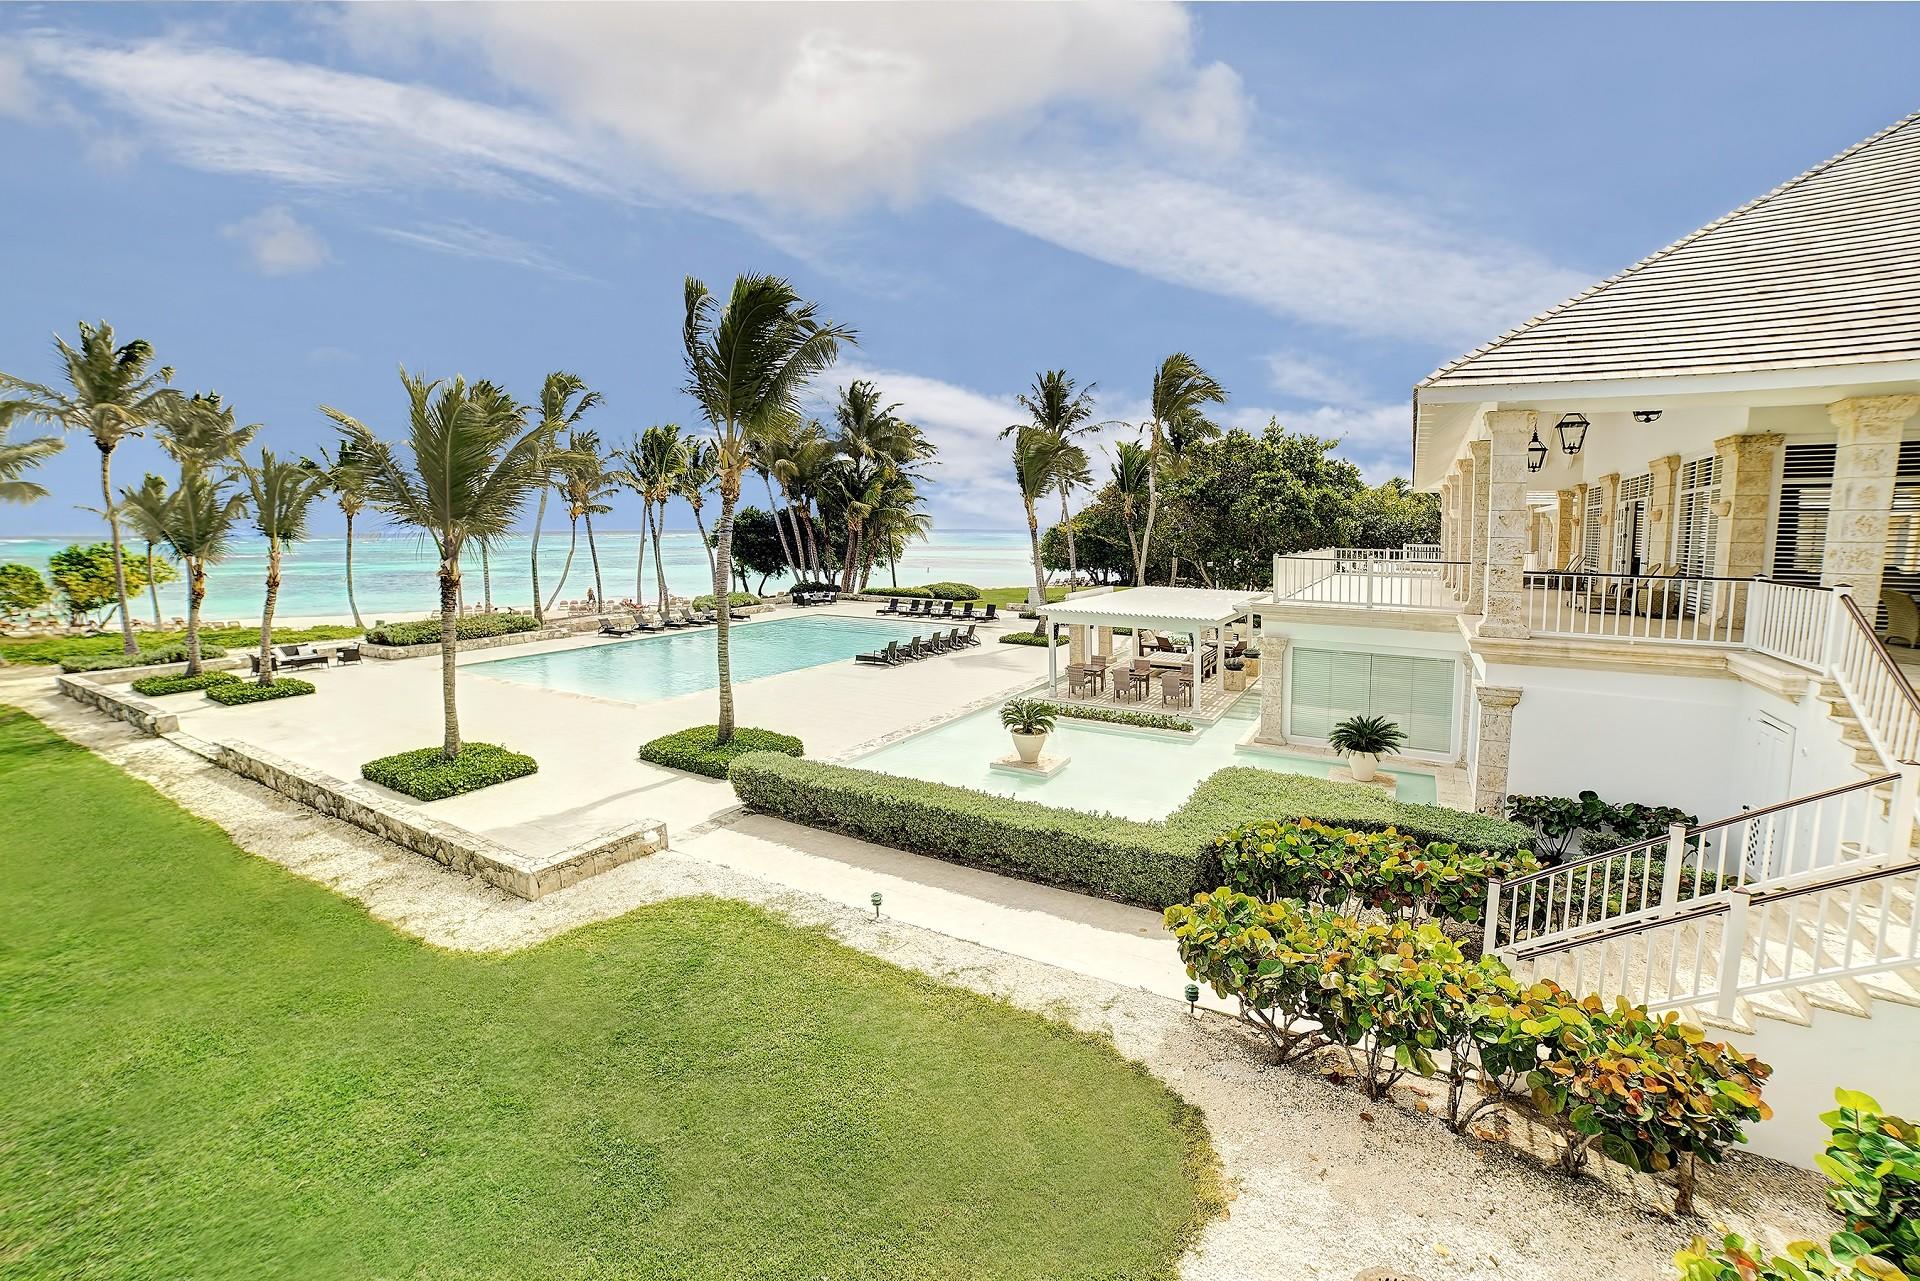 Mr Price Home Design Quarter Trading Hours La Cana Puntacana Golf